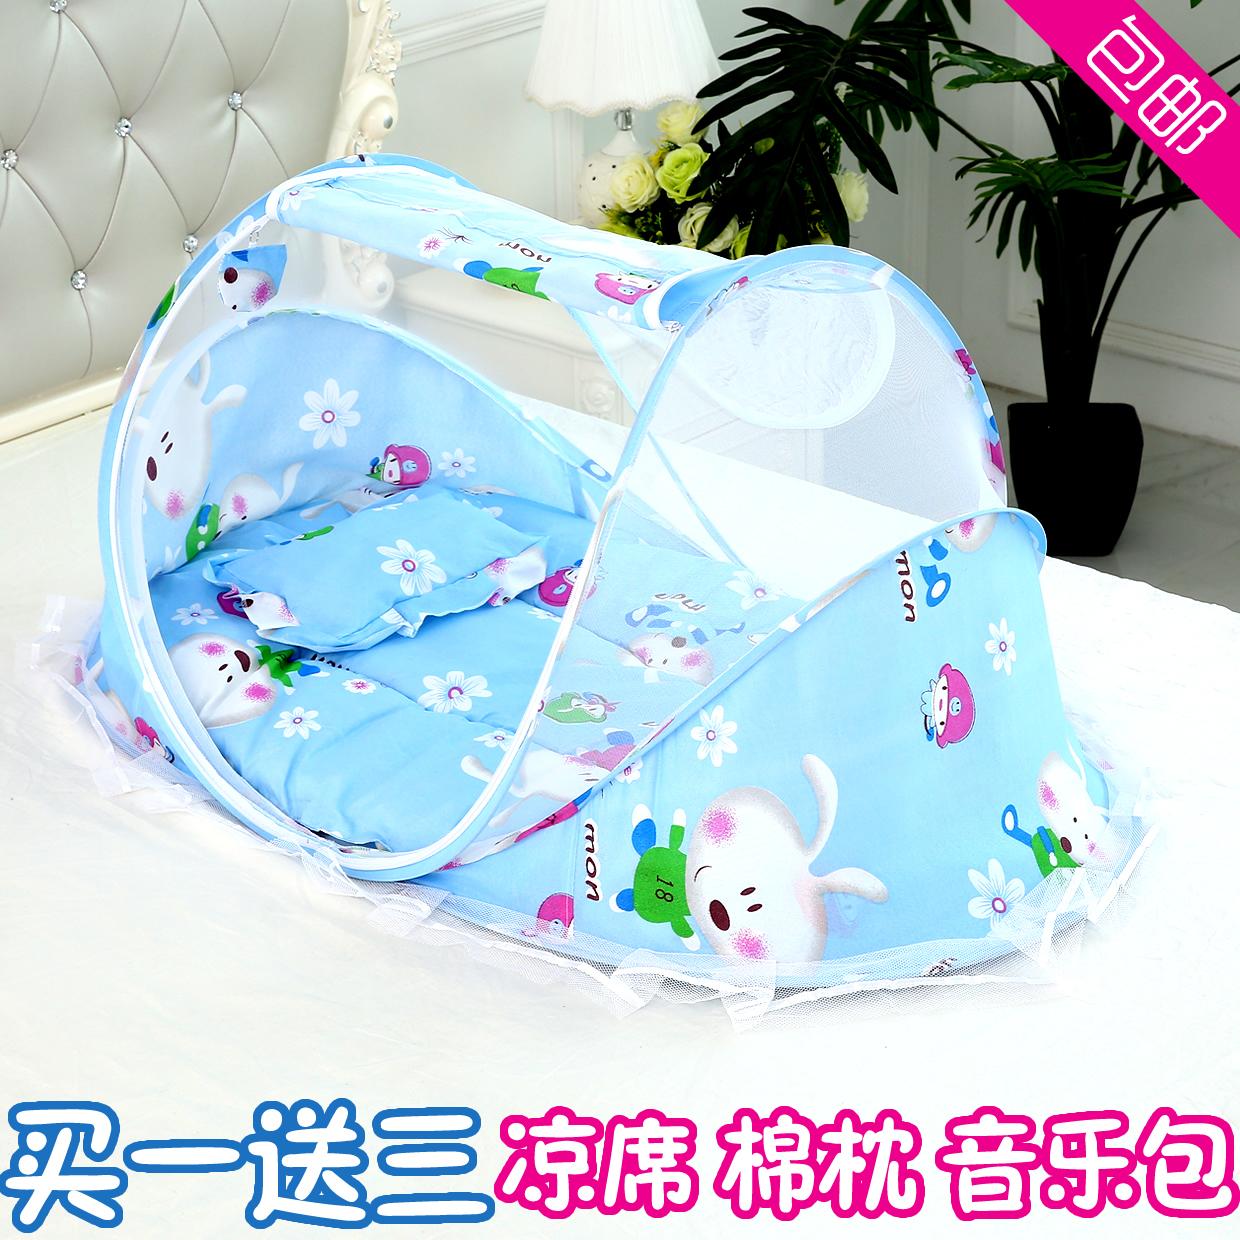 婴儿蚊帐罩可折叠新生宝宝蒙古包有底便携式幼儿免安装防蚊罩神器